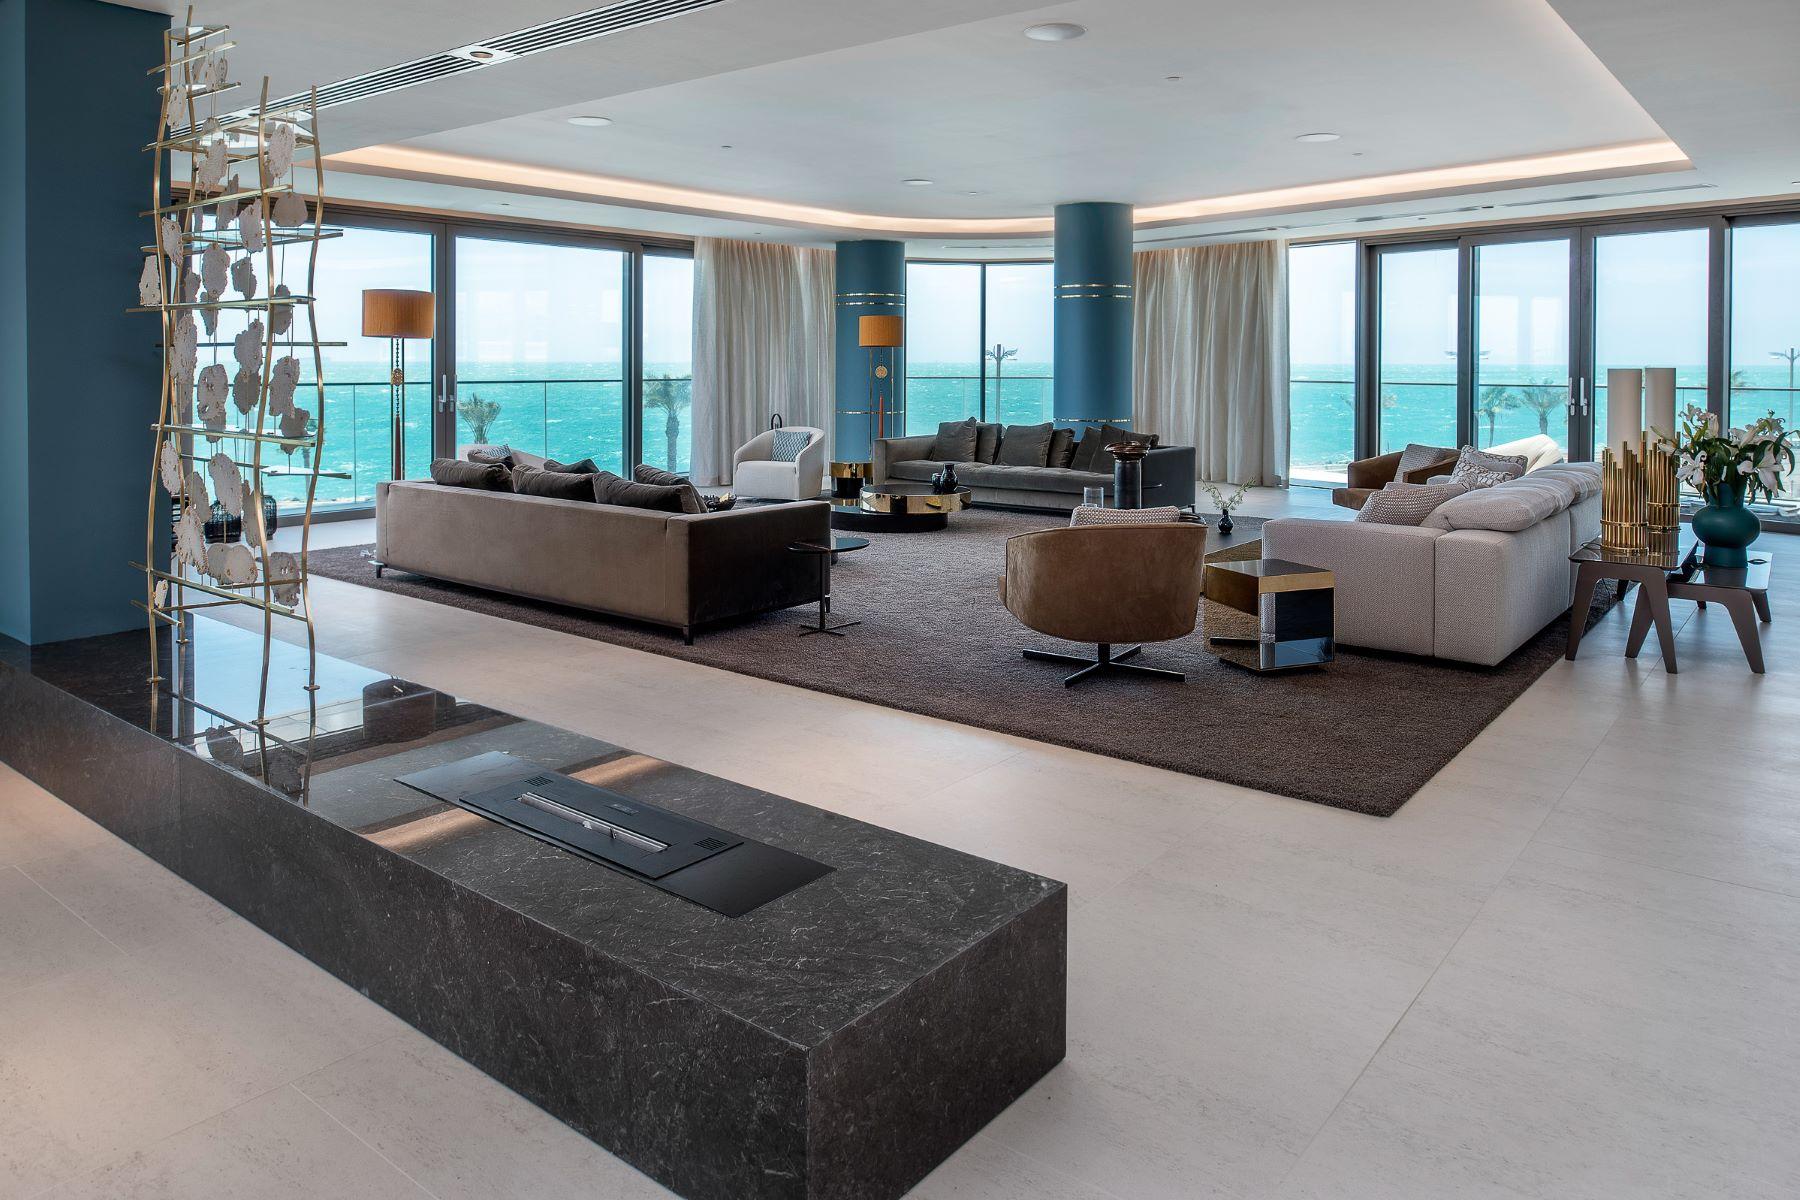 Квартира для того Продажа на Contemporary Luxury Apartment Dubai, Объединенные Арабские Эмираты